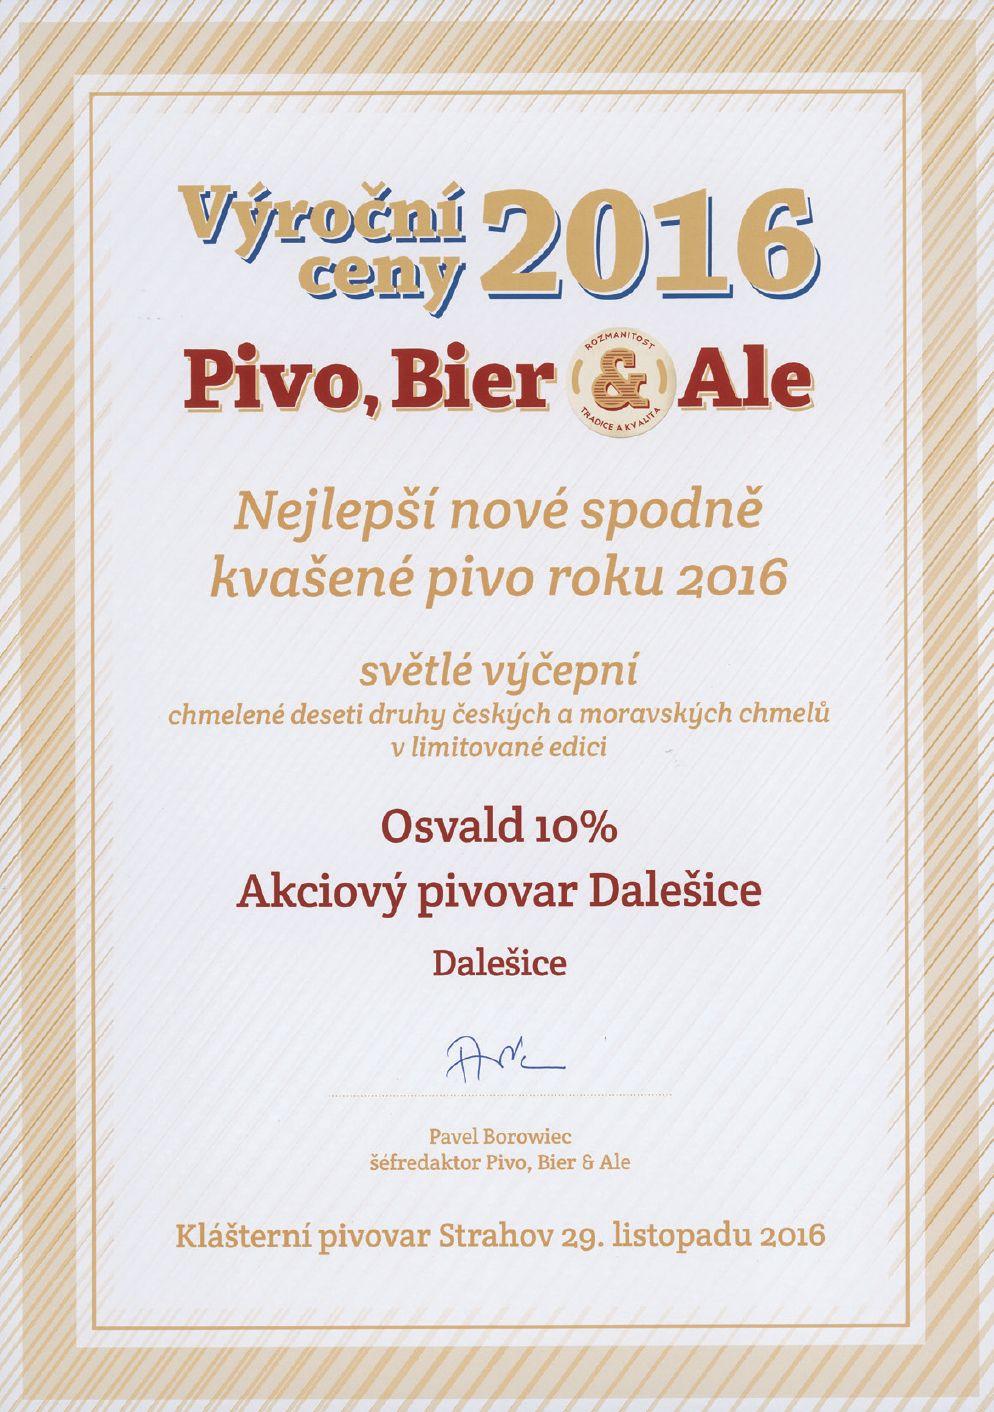 06-vyrocni_cena_10_2016.jpg